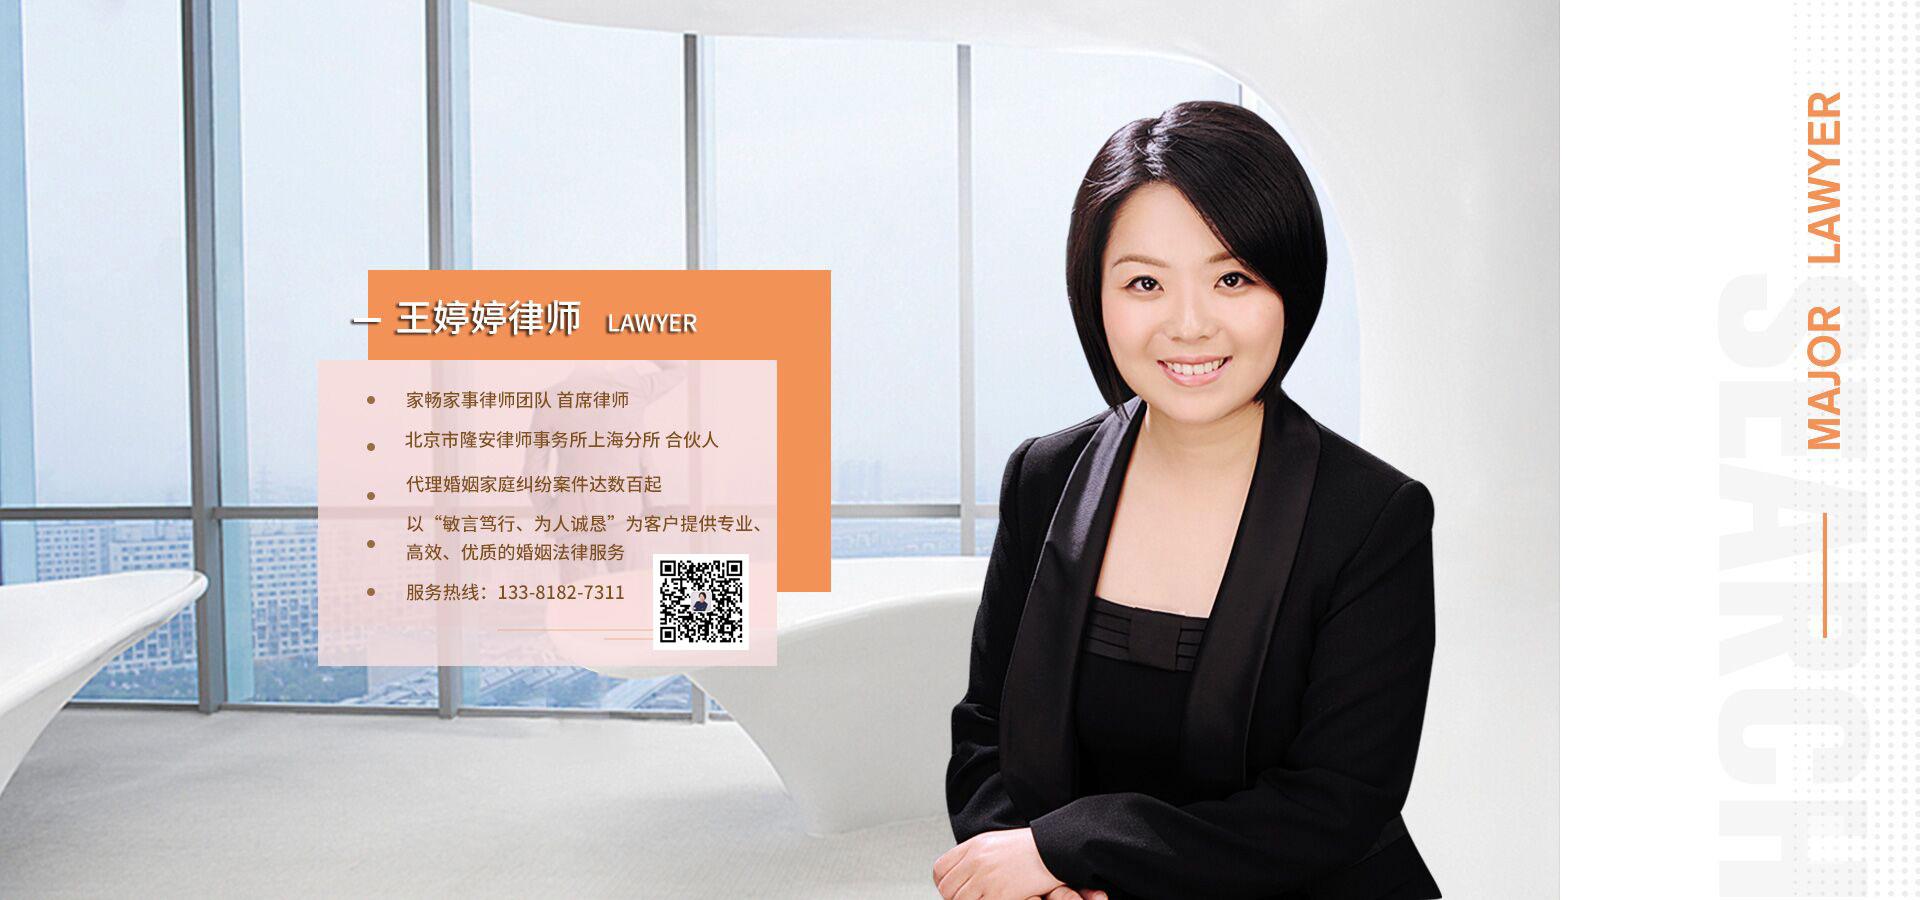 上海离婚律师